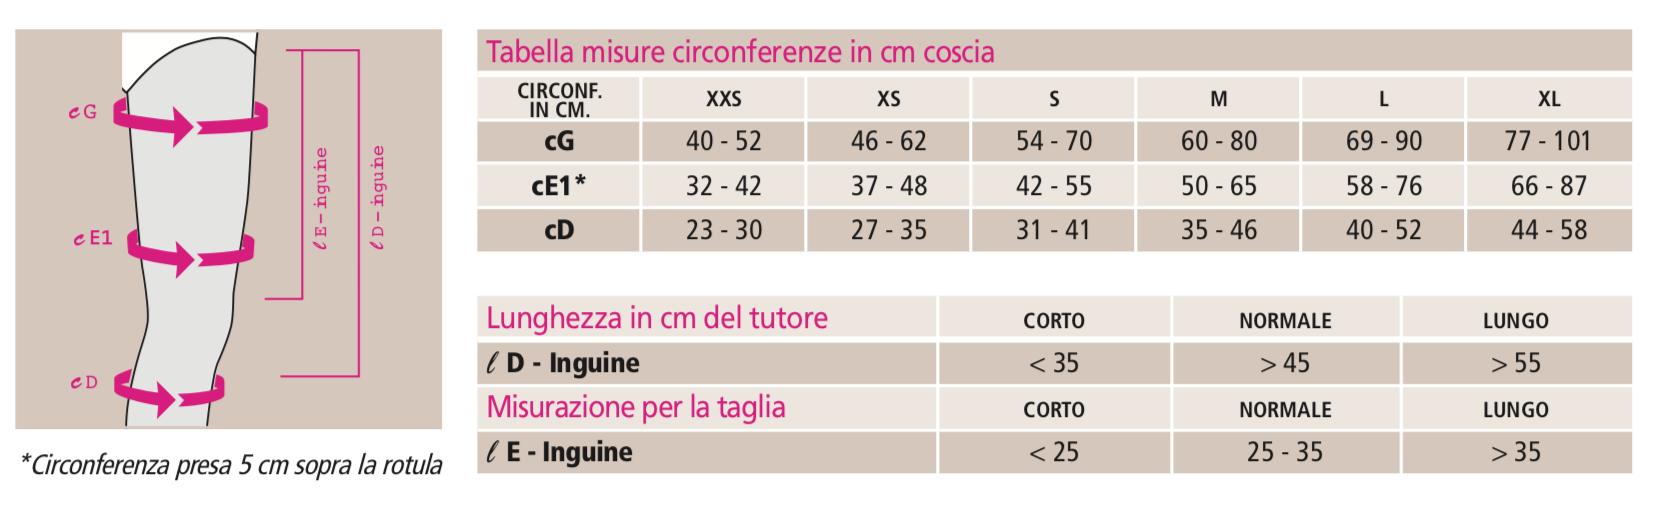 circaid® arto inferiore juxtafit® essentials coscia - Fascia compressiva coscia terapeutica